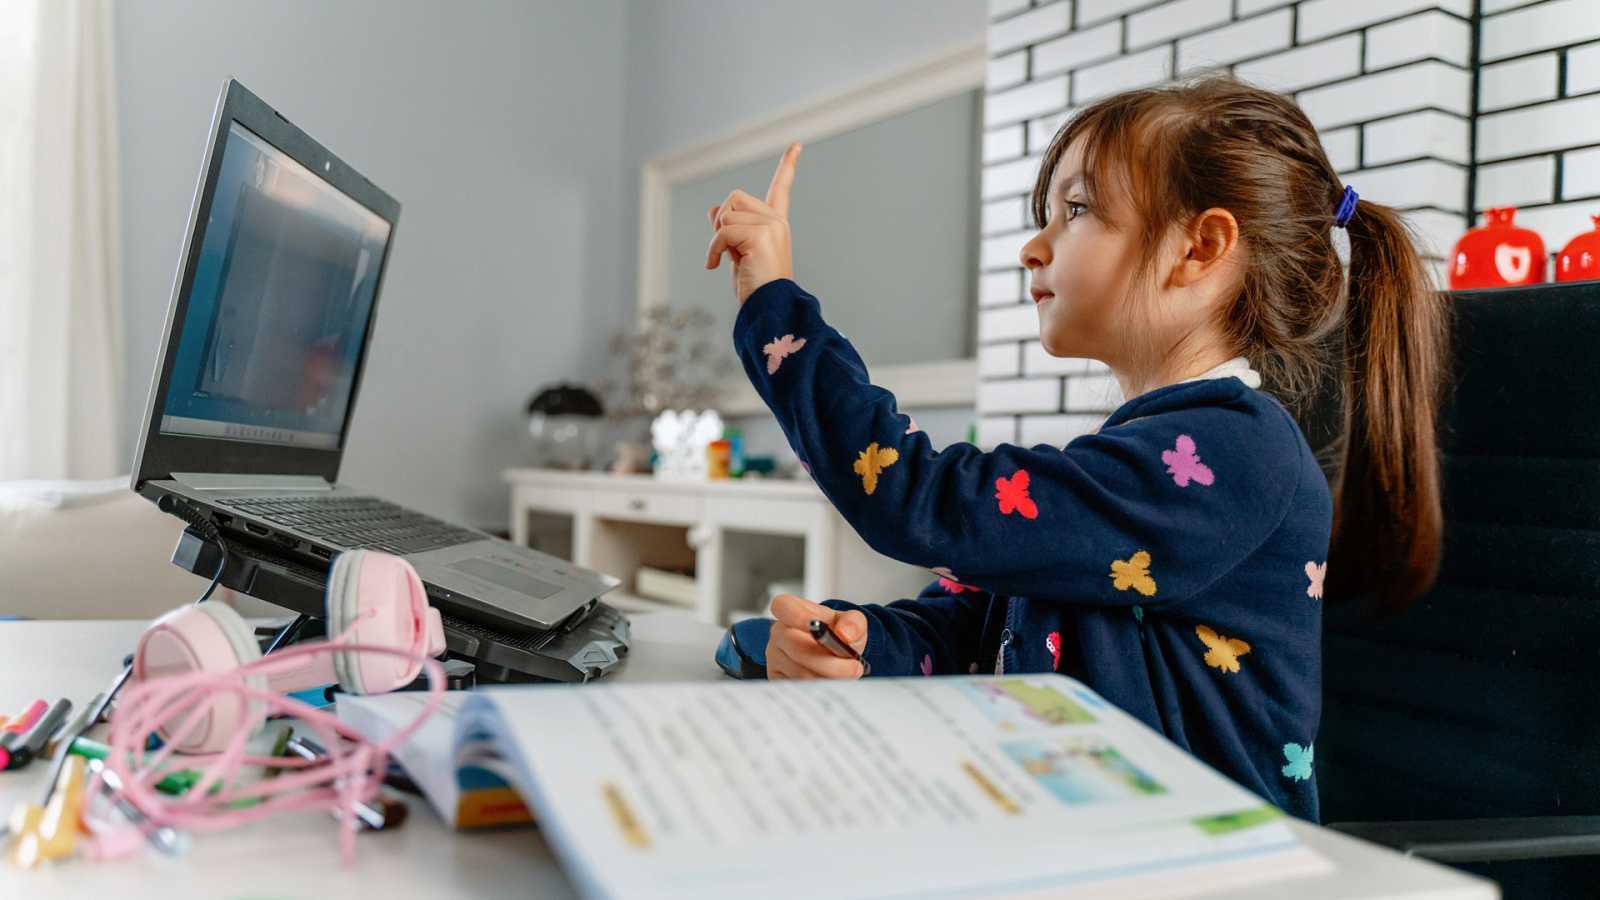 Marca España - La educación 'online' en España en tiempos de COVID - 04/03/21 - escuchar ahora